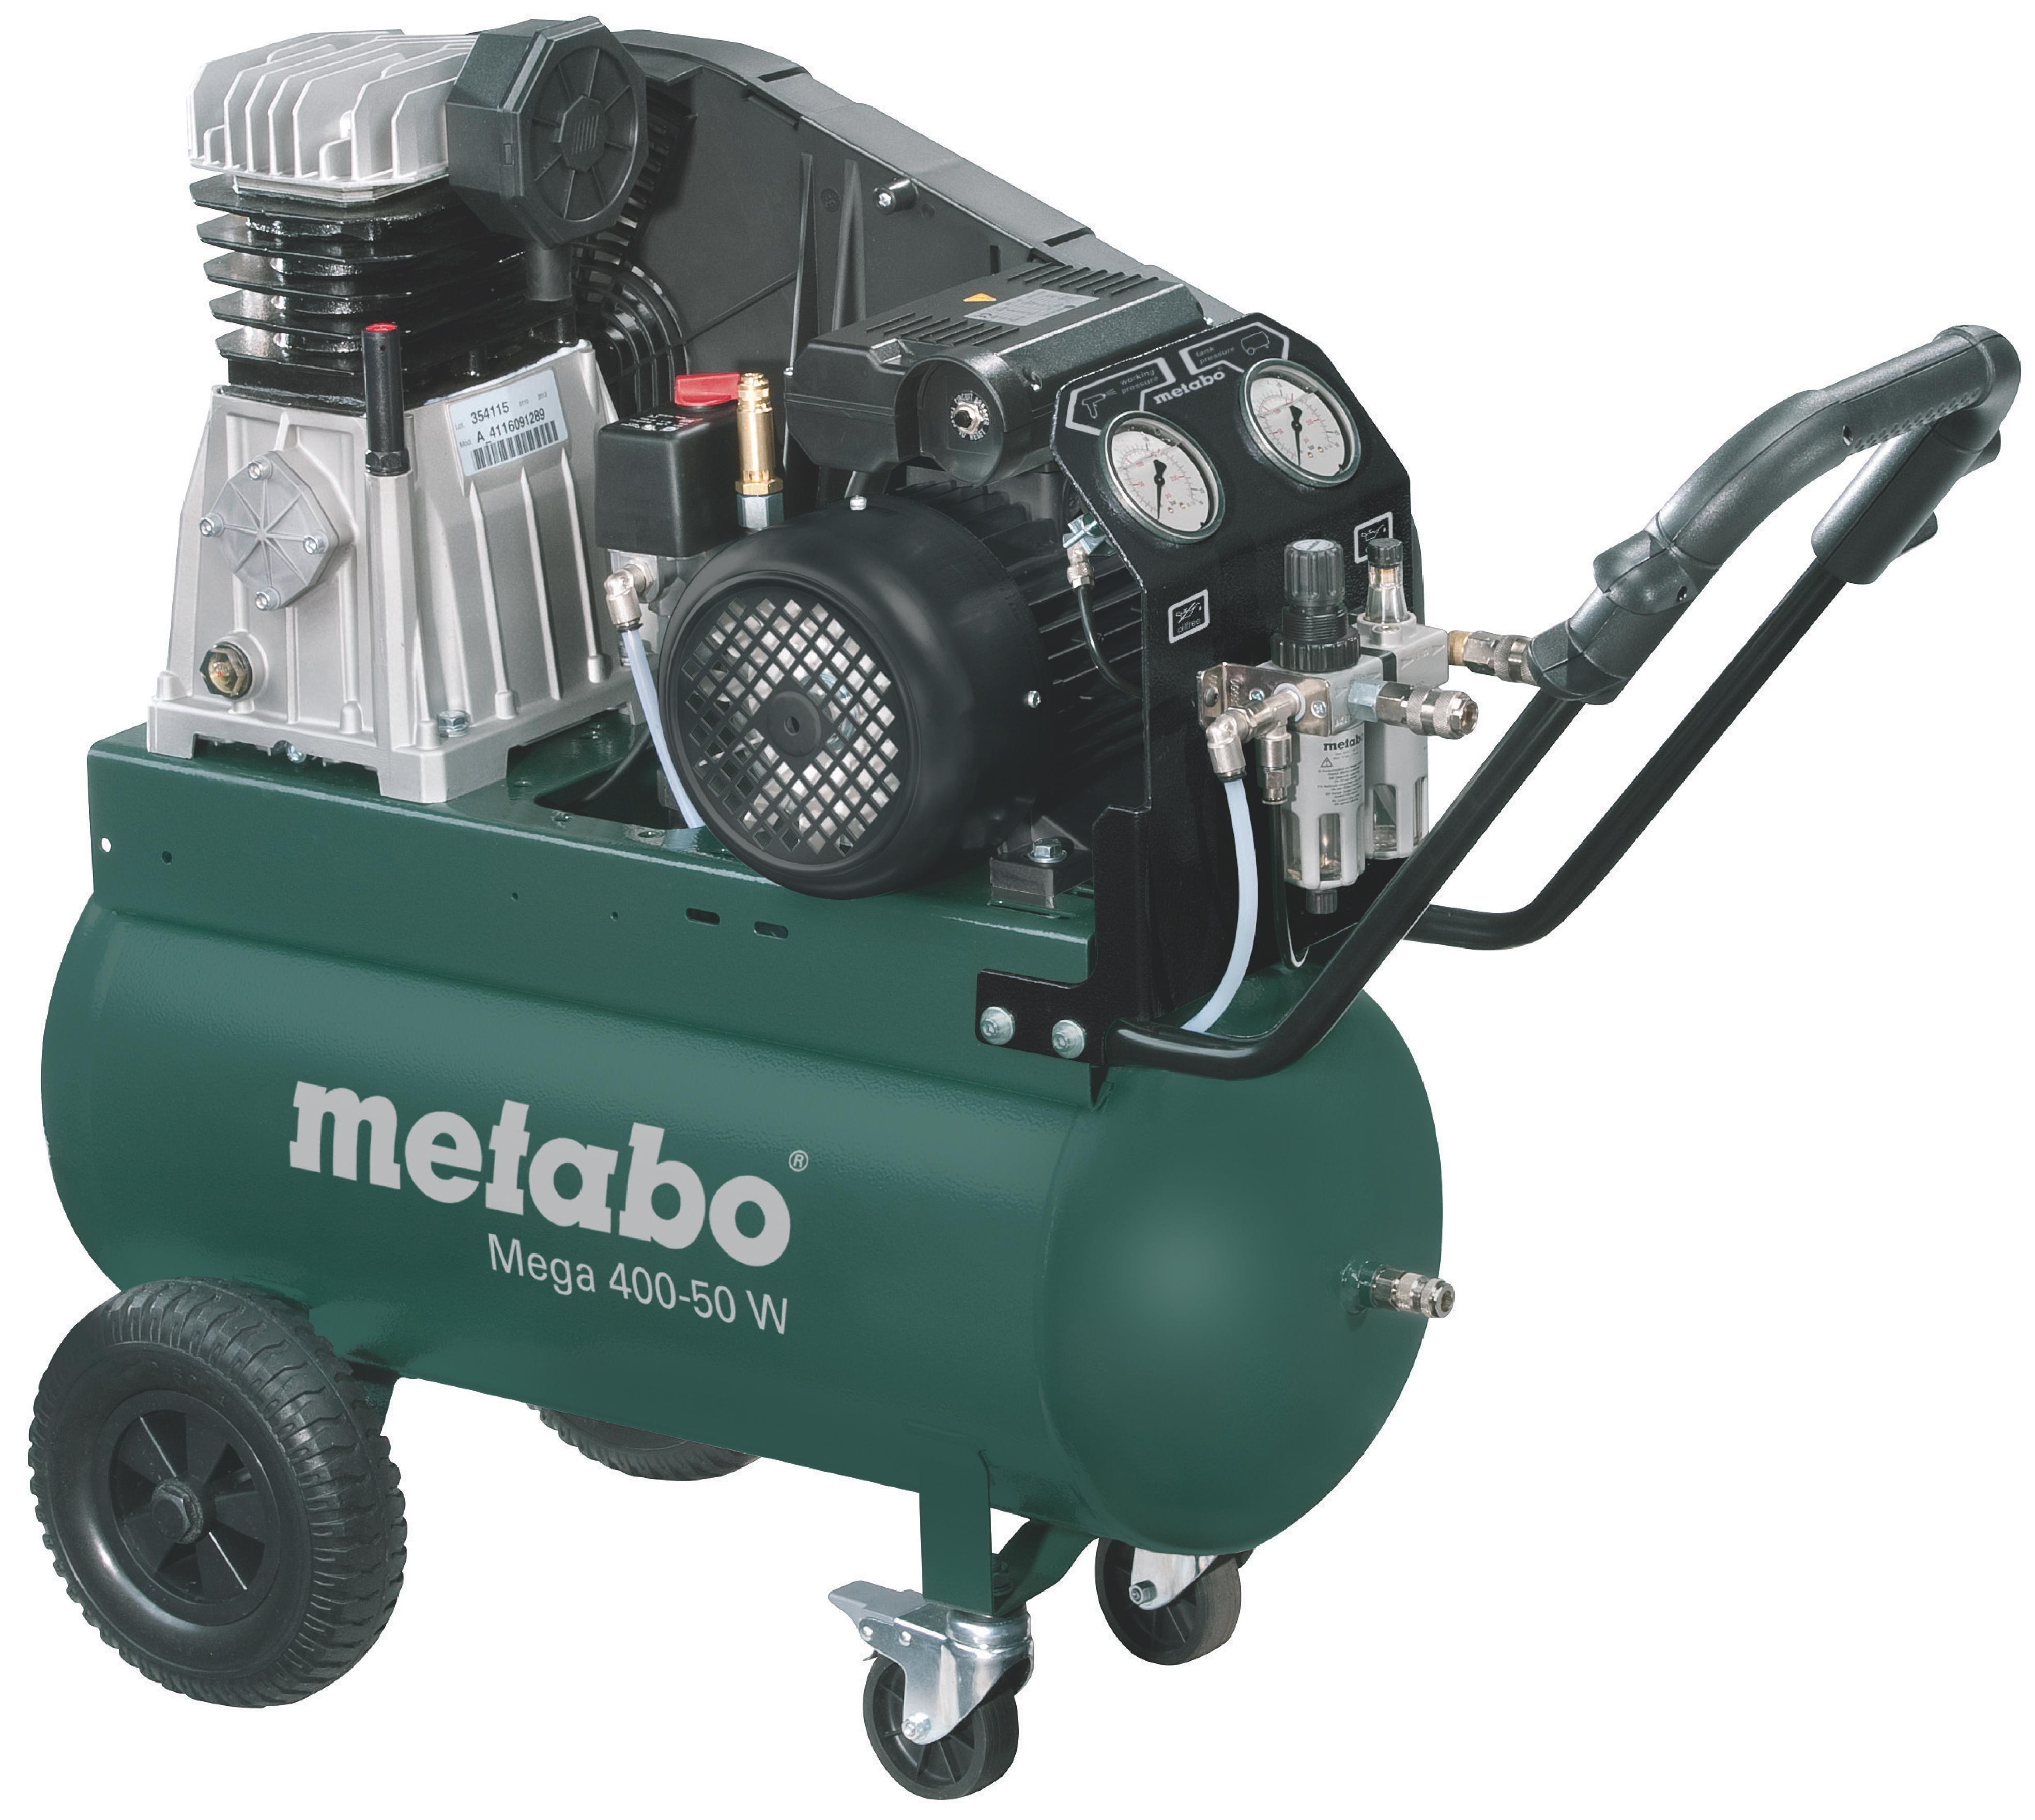 Компрессор ременной Metabo Mega 400-50 W